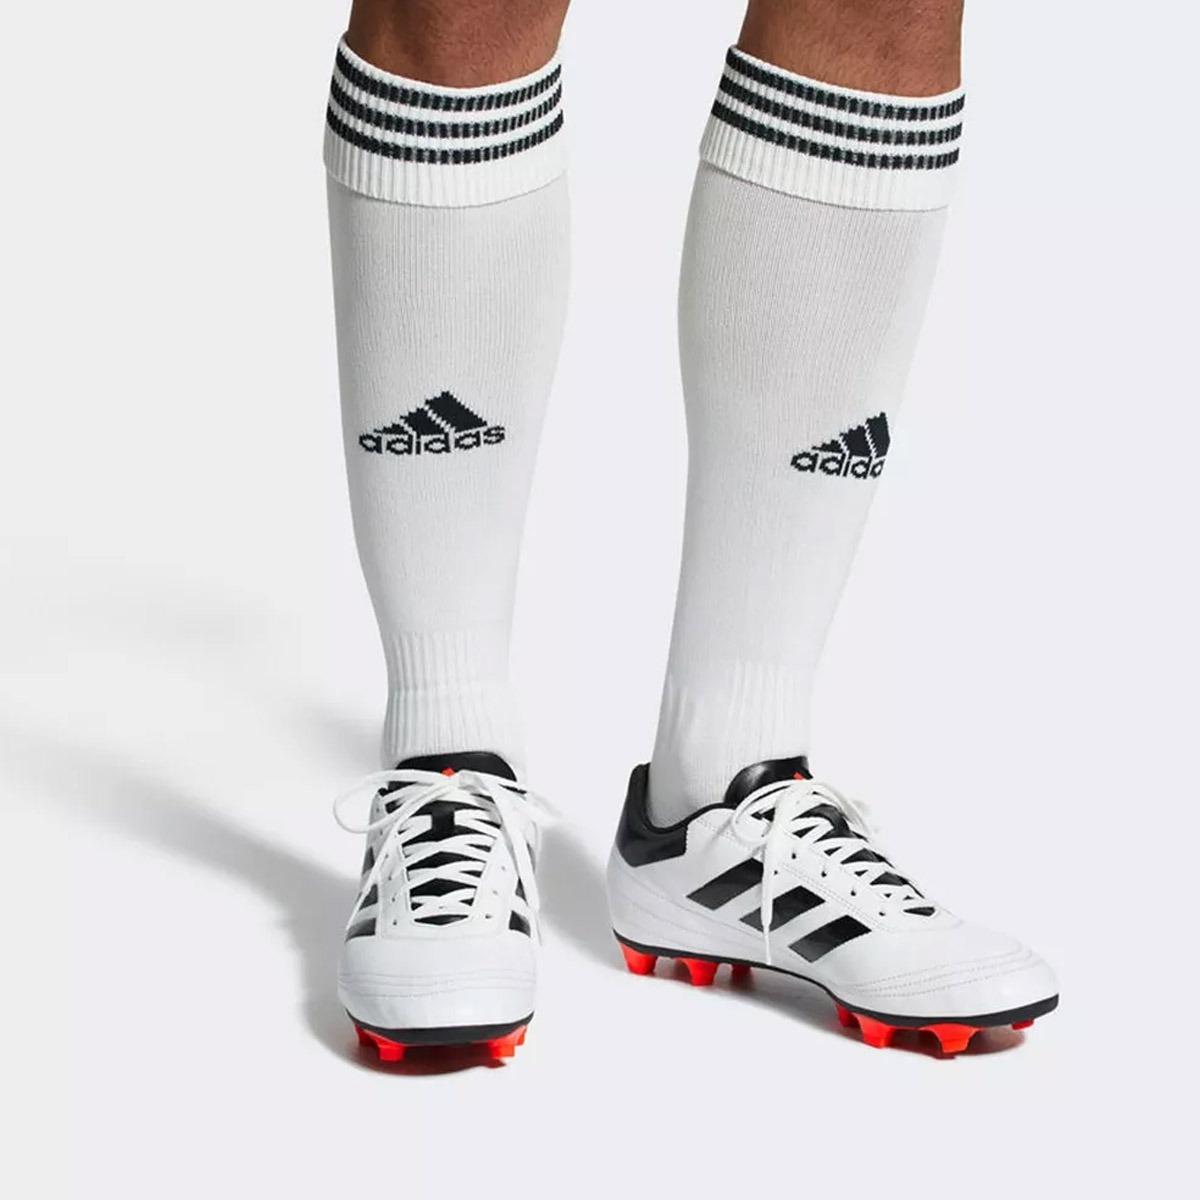 champión calzado adidas goletto vi de fútbol 11 cancha. Cargando zoom... calzado  adidas fútbol. Cargando zoom. 432d193f45cdb